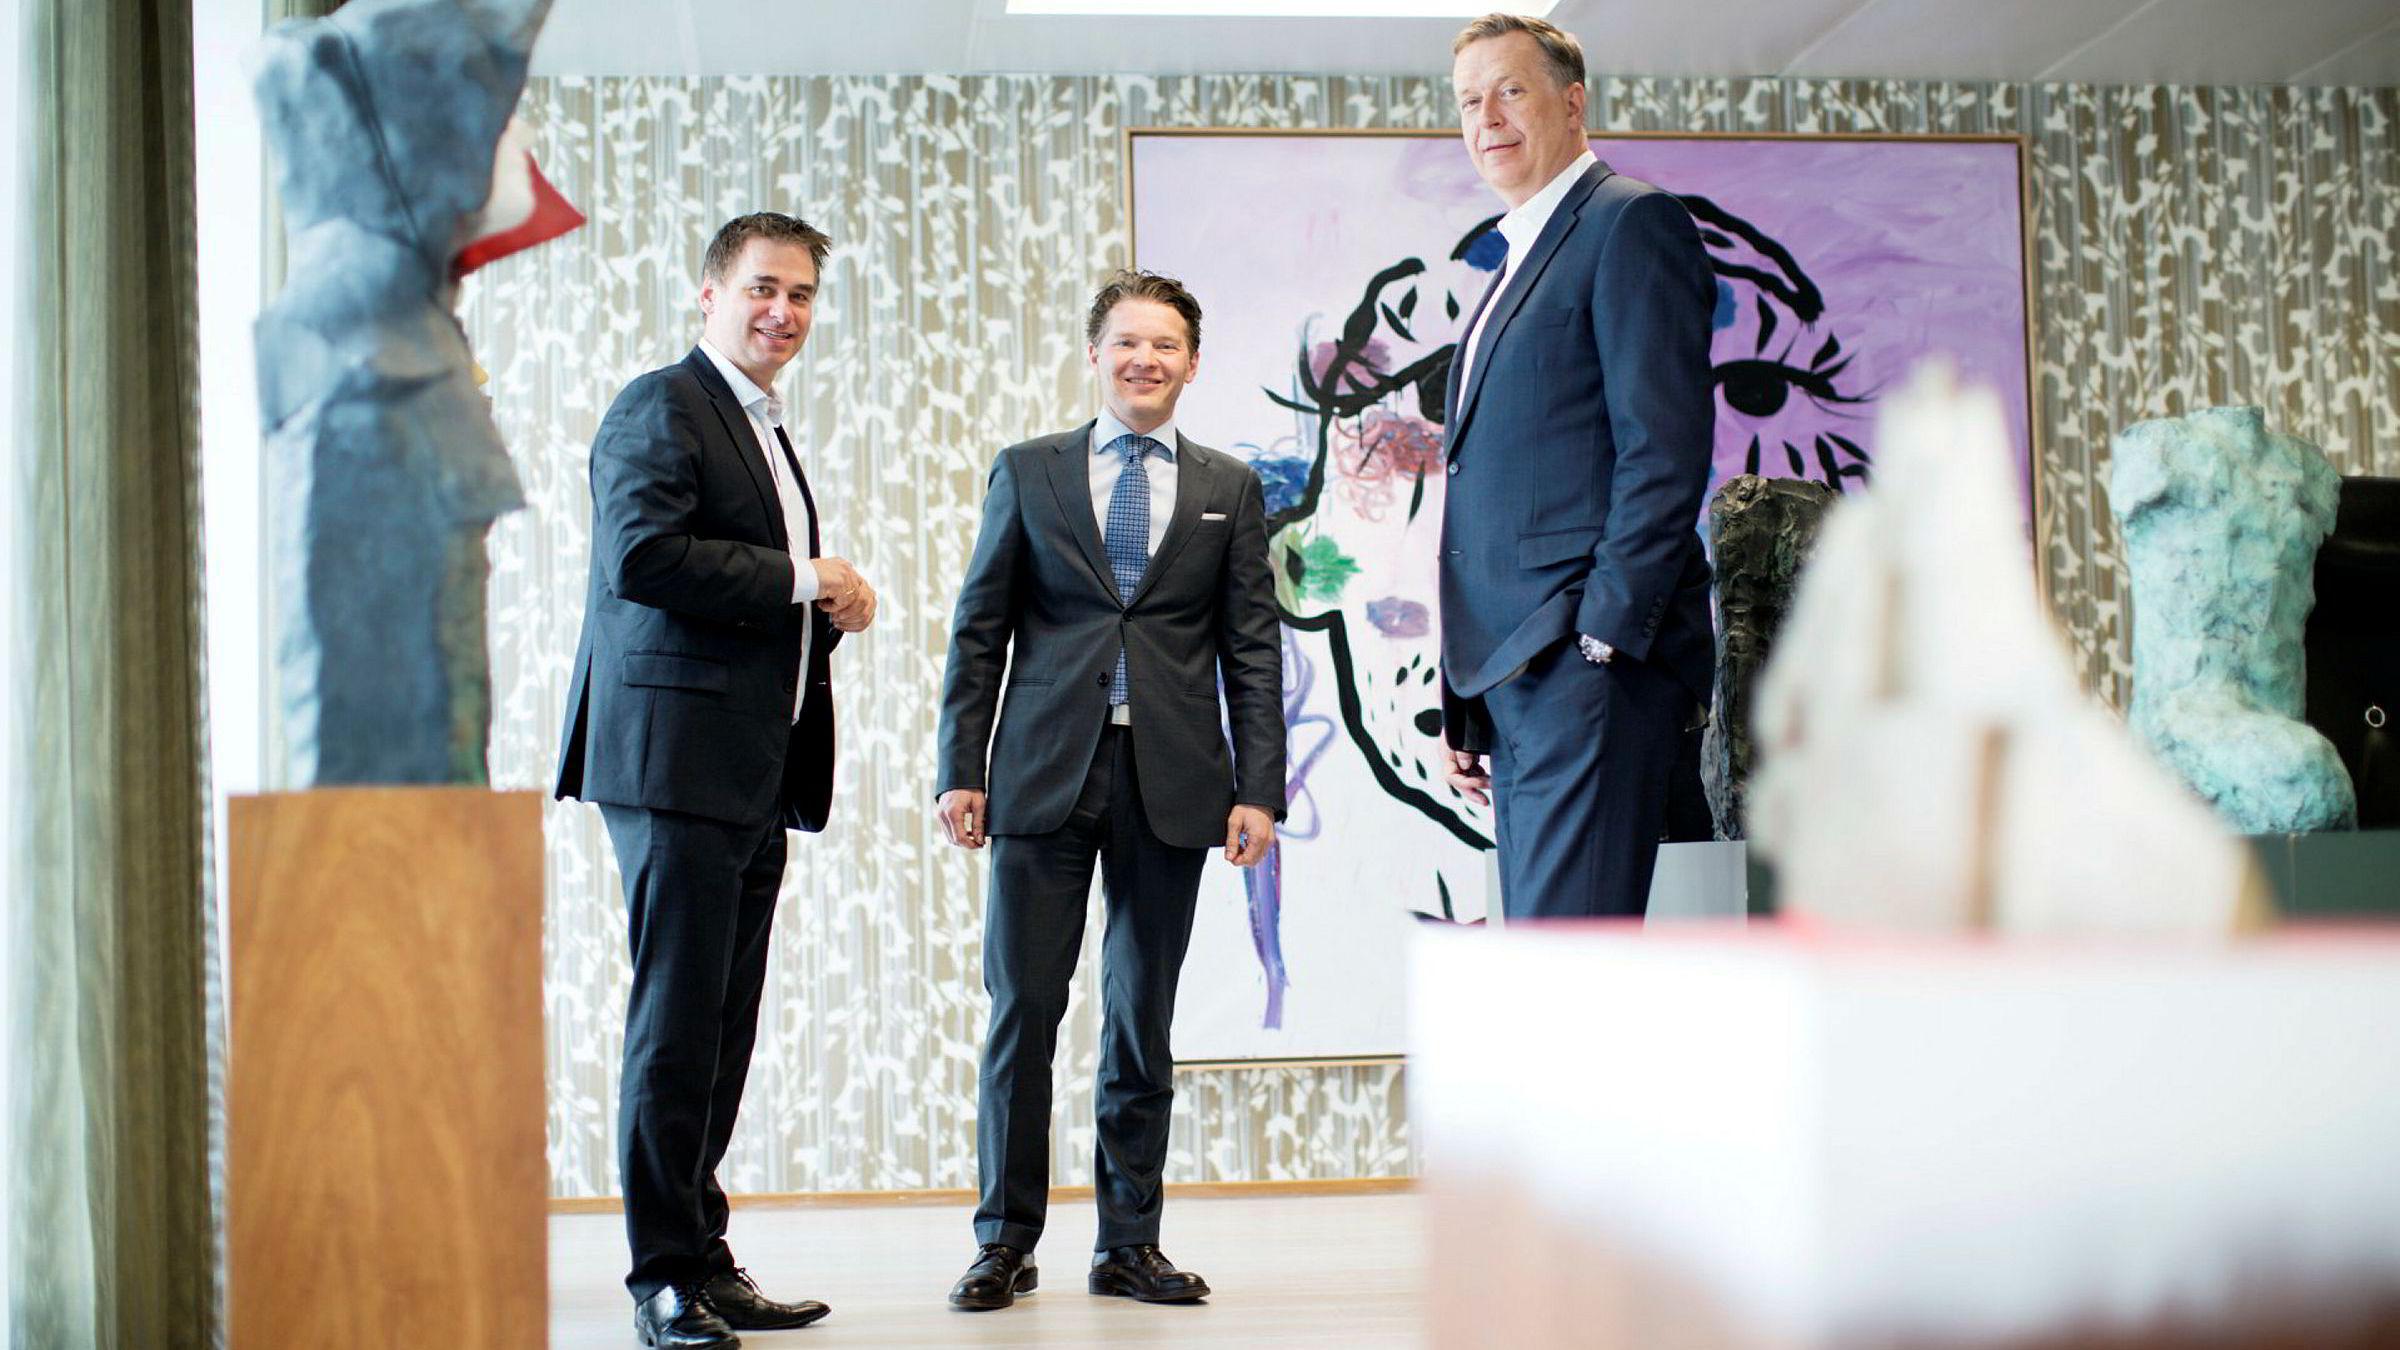 Styreleder Gert W. Munthe (t.h.) i Herkules Capital mister daglig leder og partner Patrik B. Egeland (midten). Sverre B. Flåskjær overtar rollen som kombinert daglig leder og investeringsansvarlig.